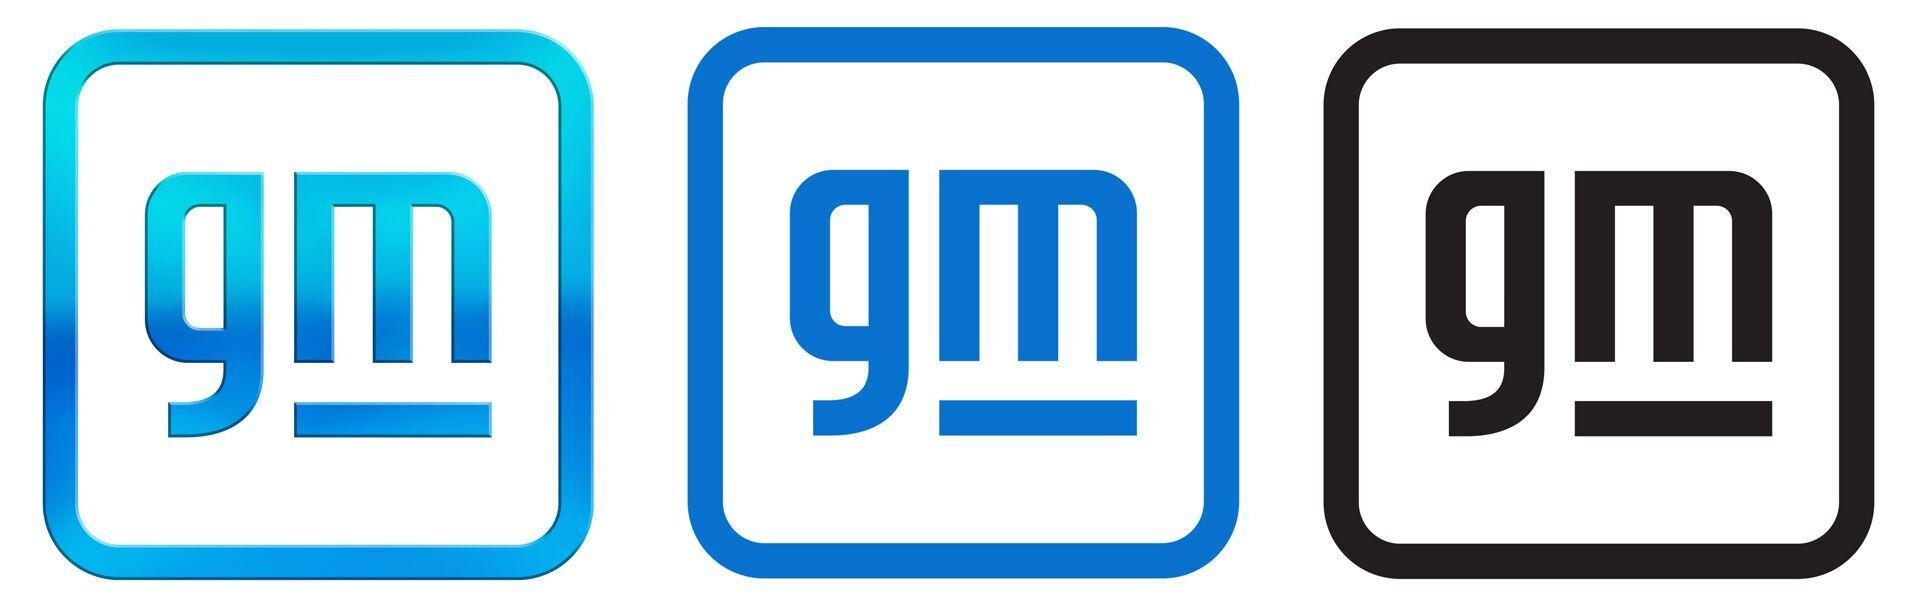 Варіанти нового фірмового логотипу концерну у кольоровому, монохромному та чорно-білому варіантах